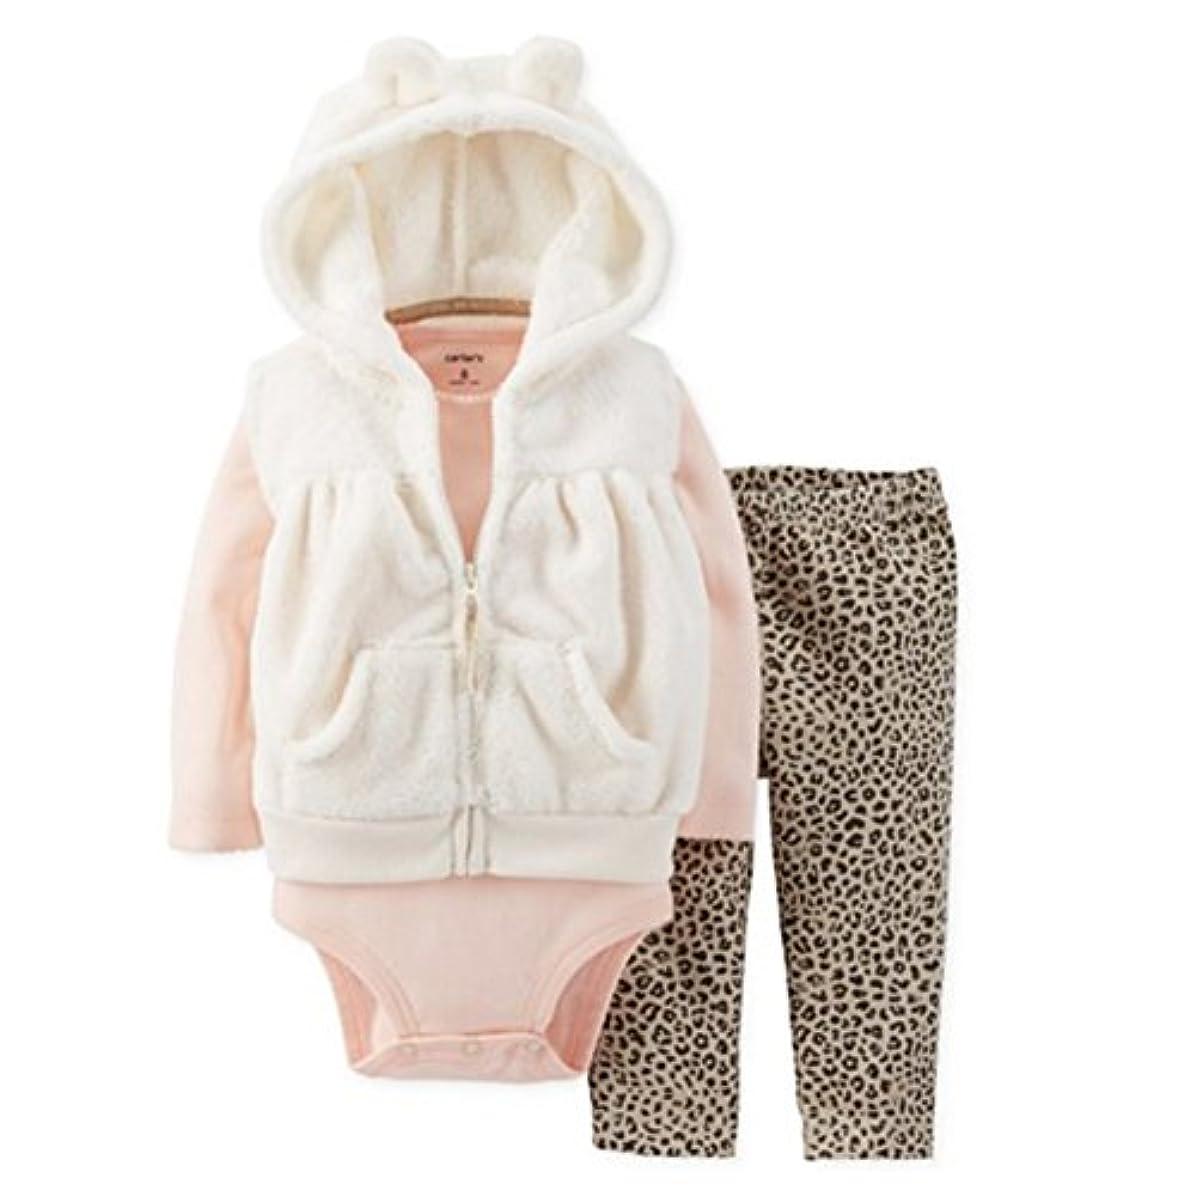 いちゃつく幸運なことにしばしばCarters Infant Girls 3 Piece Set PlushホワイトパーカーLeopardレギンス&シャツ